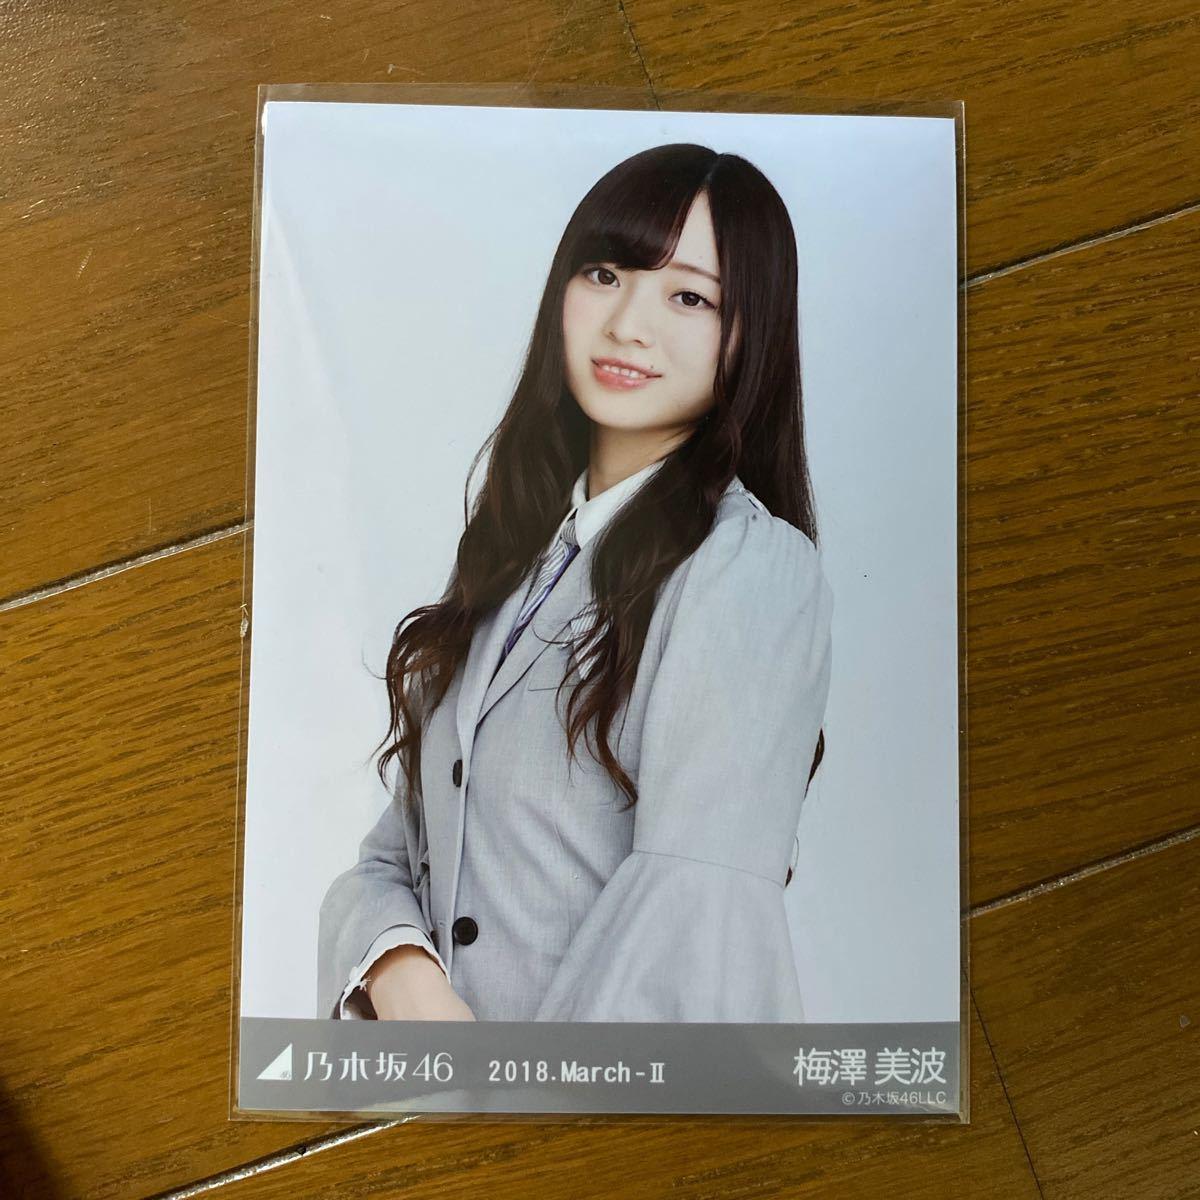 乃木坂46 生写真